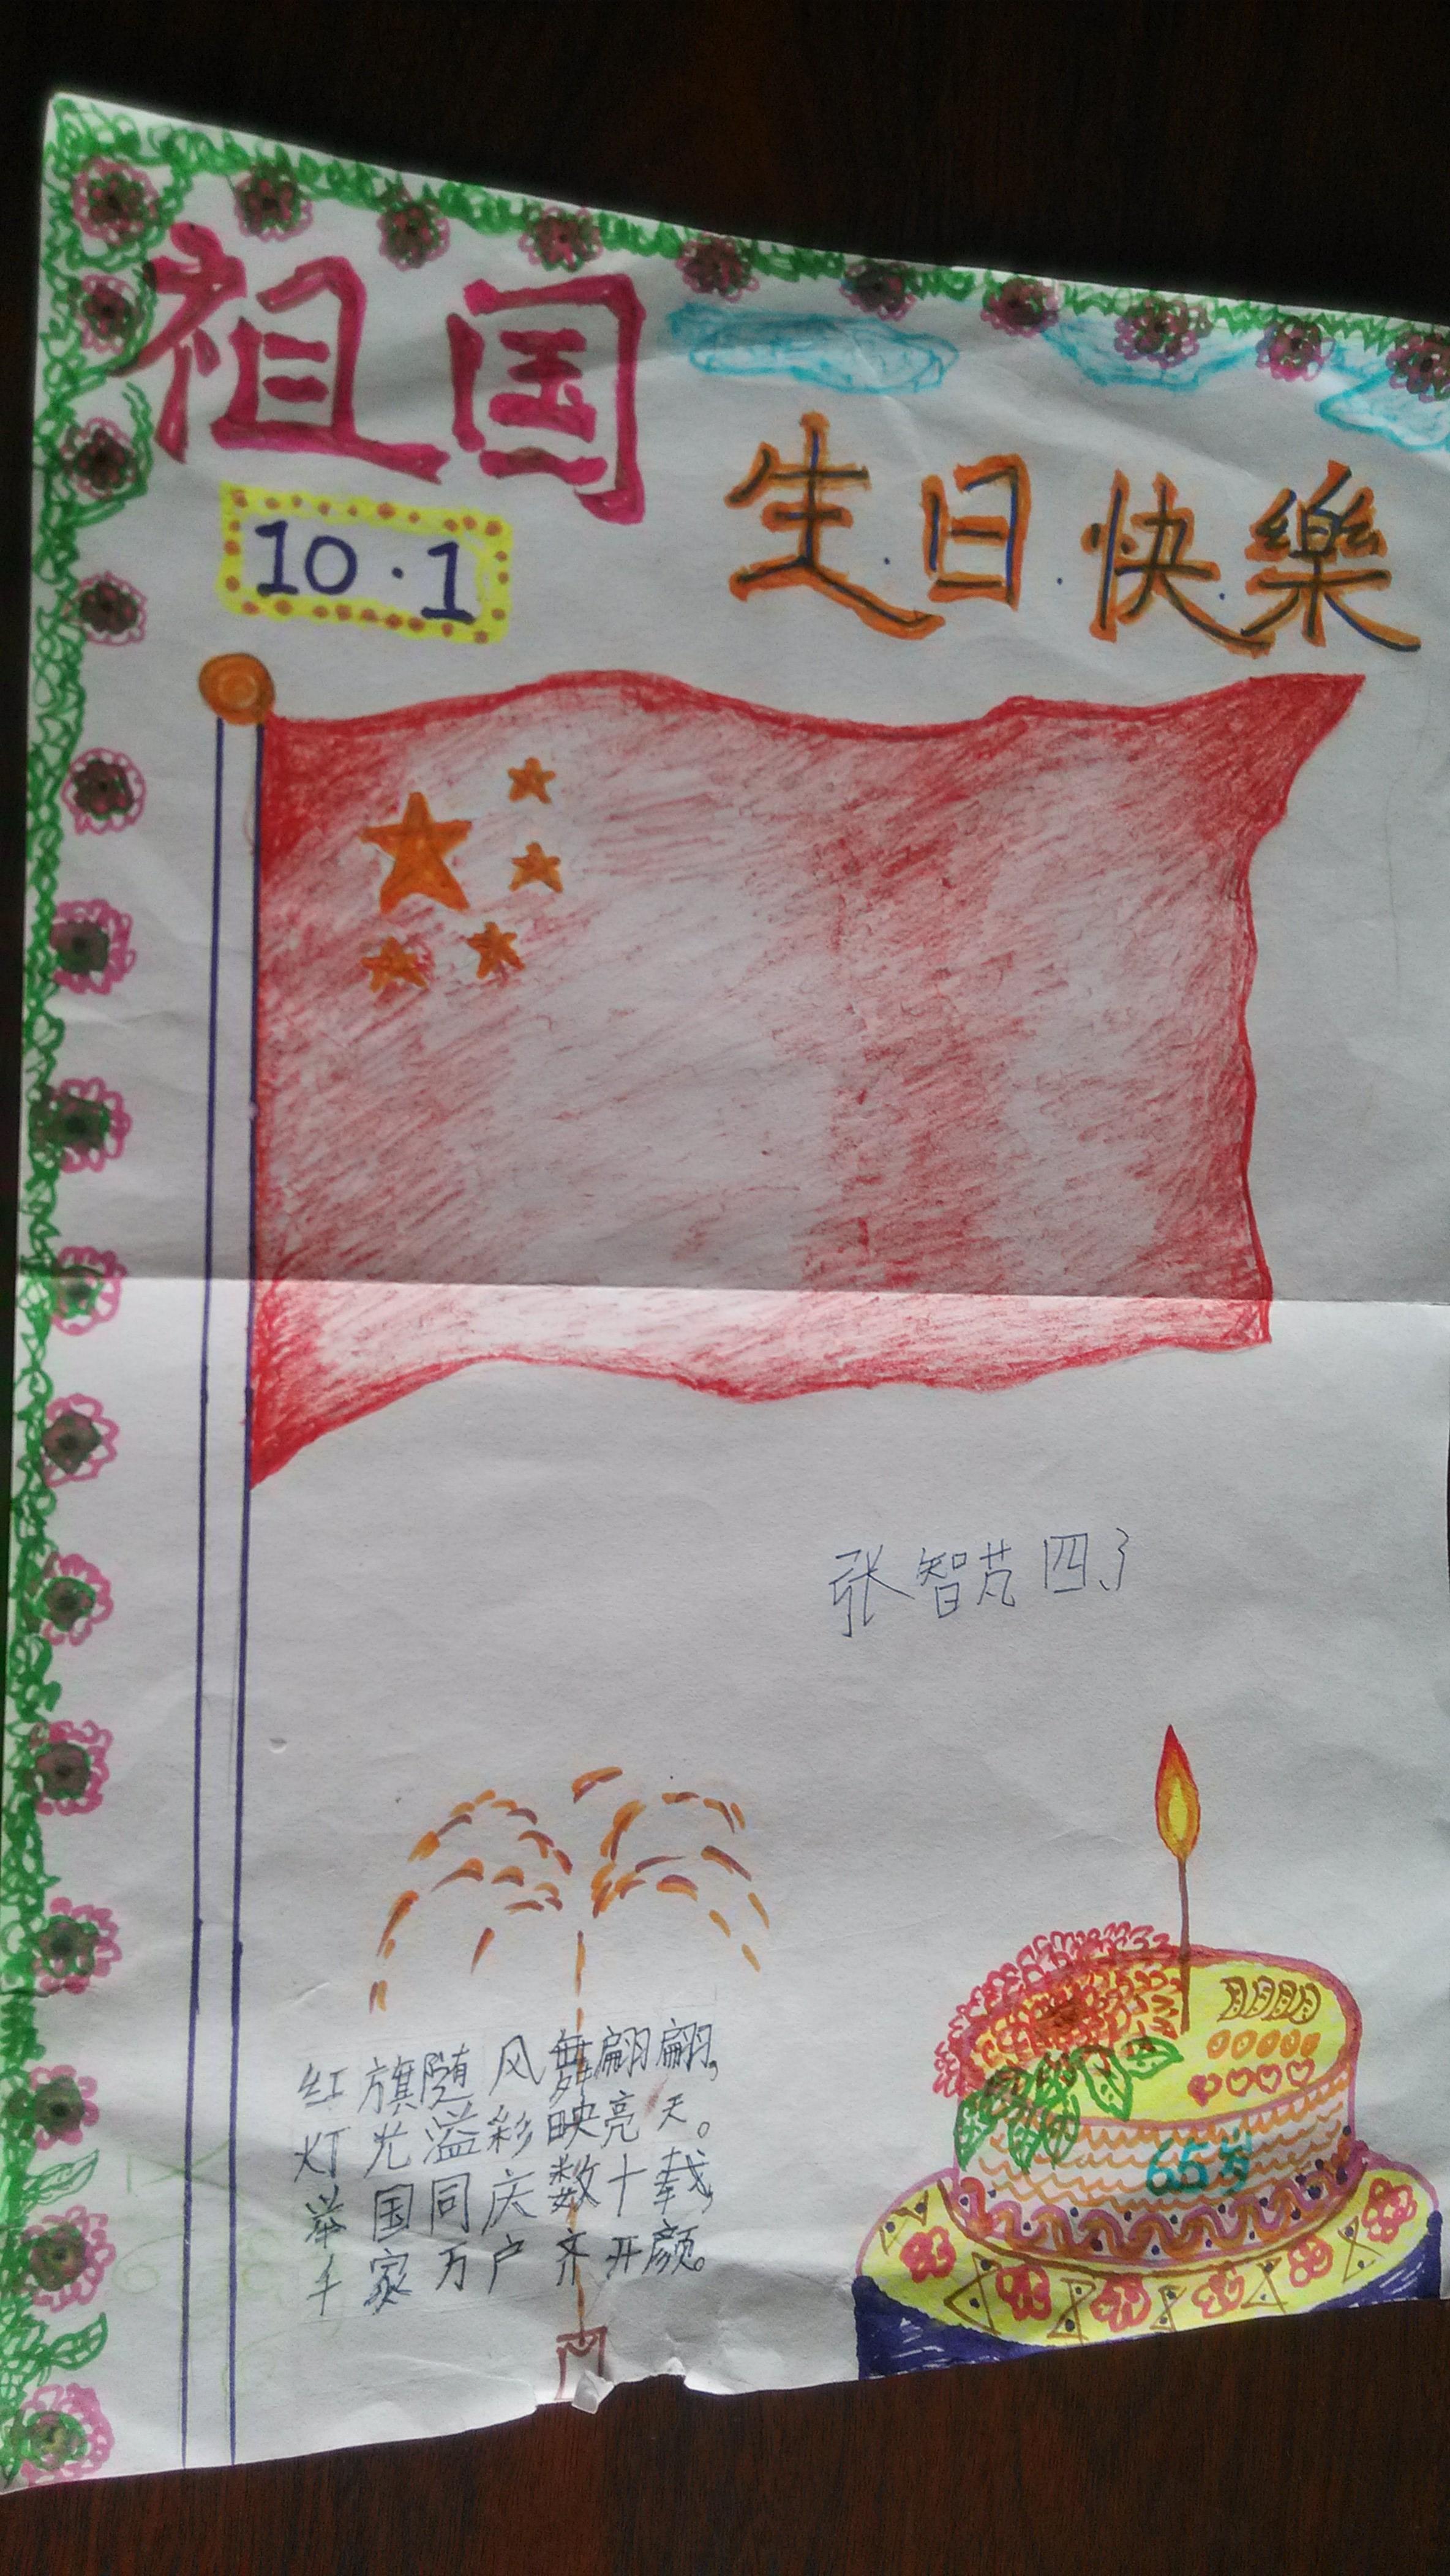 庆国庆手抄报比赛 - 2014中国北京国际少年儿童书画双